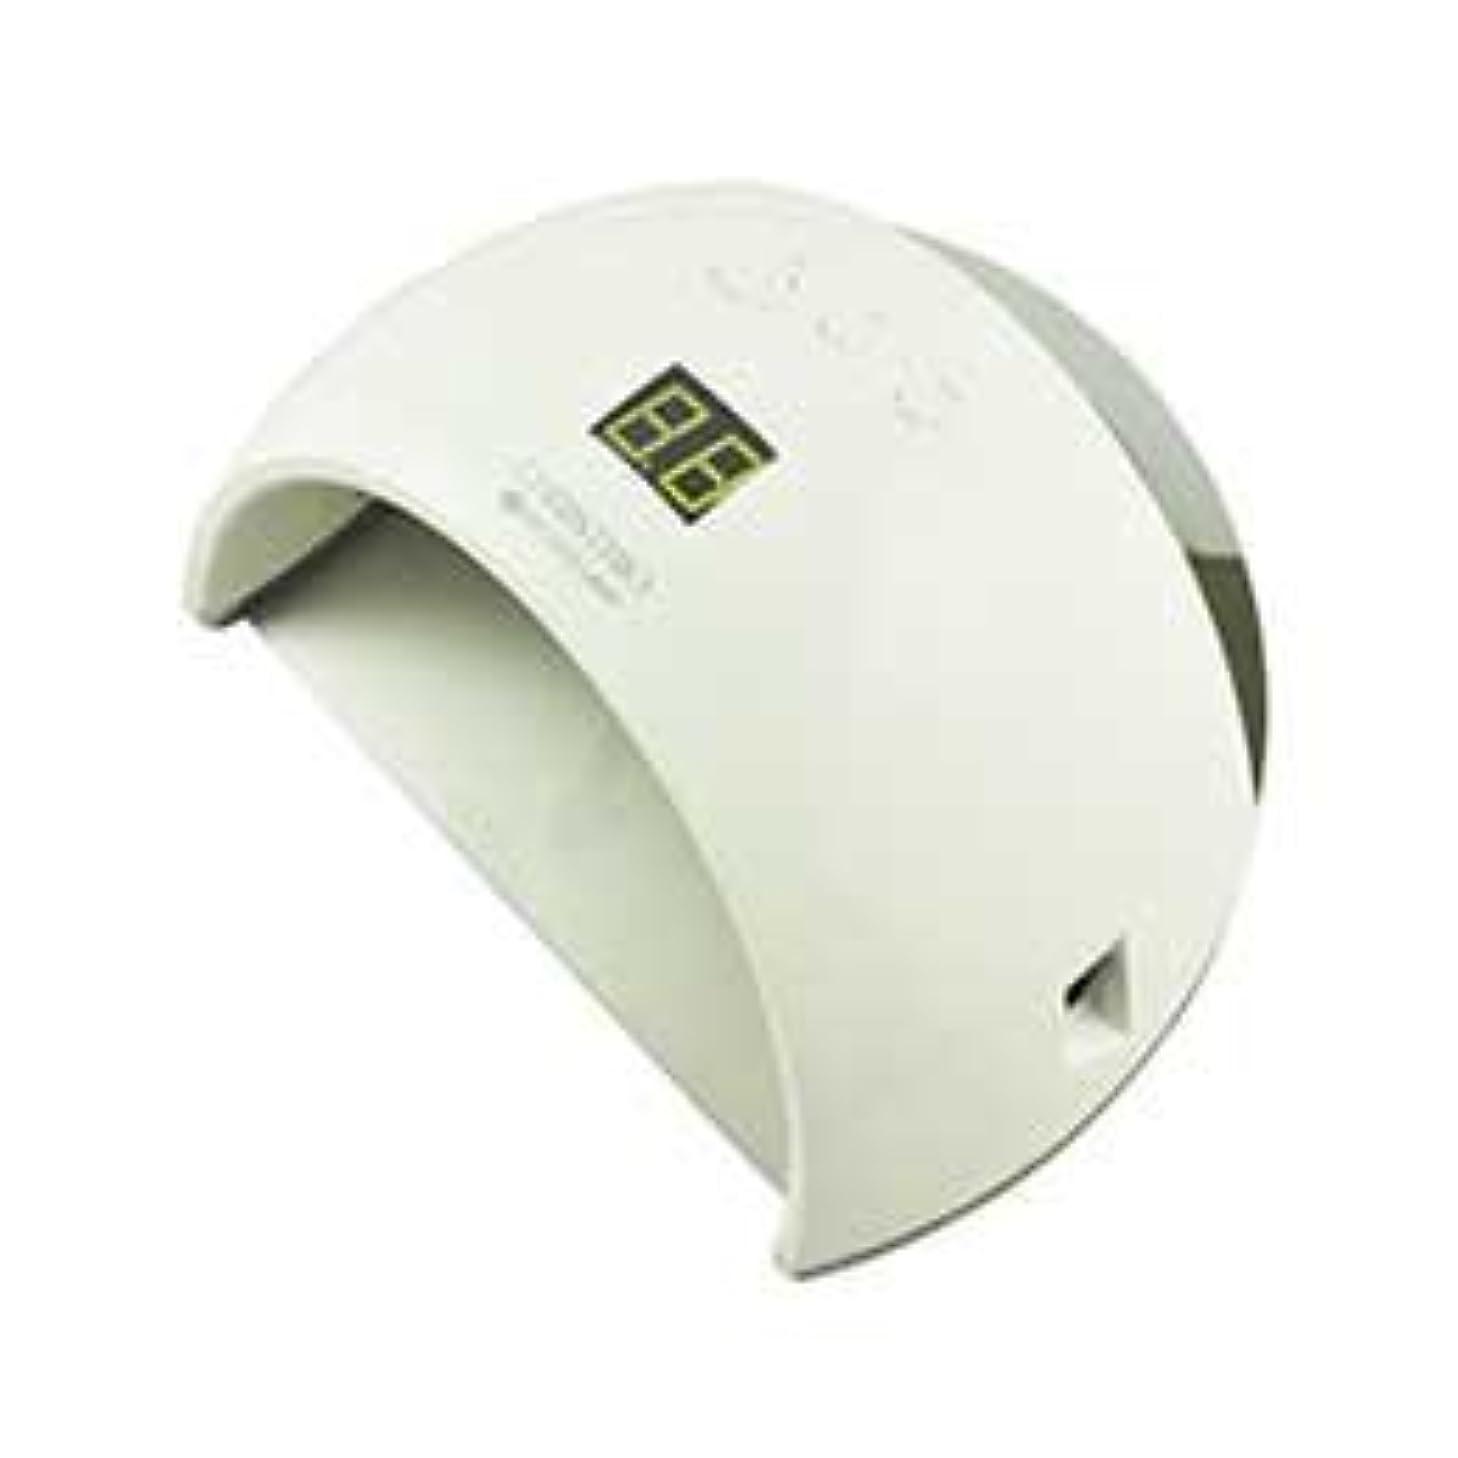 シャーロットブロンテ徒歩で契約CHRISTRIO 48W Pearl LED/UVランプ ホワイト